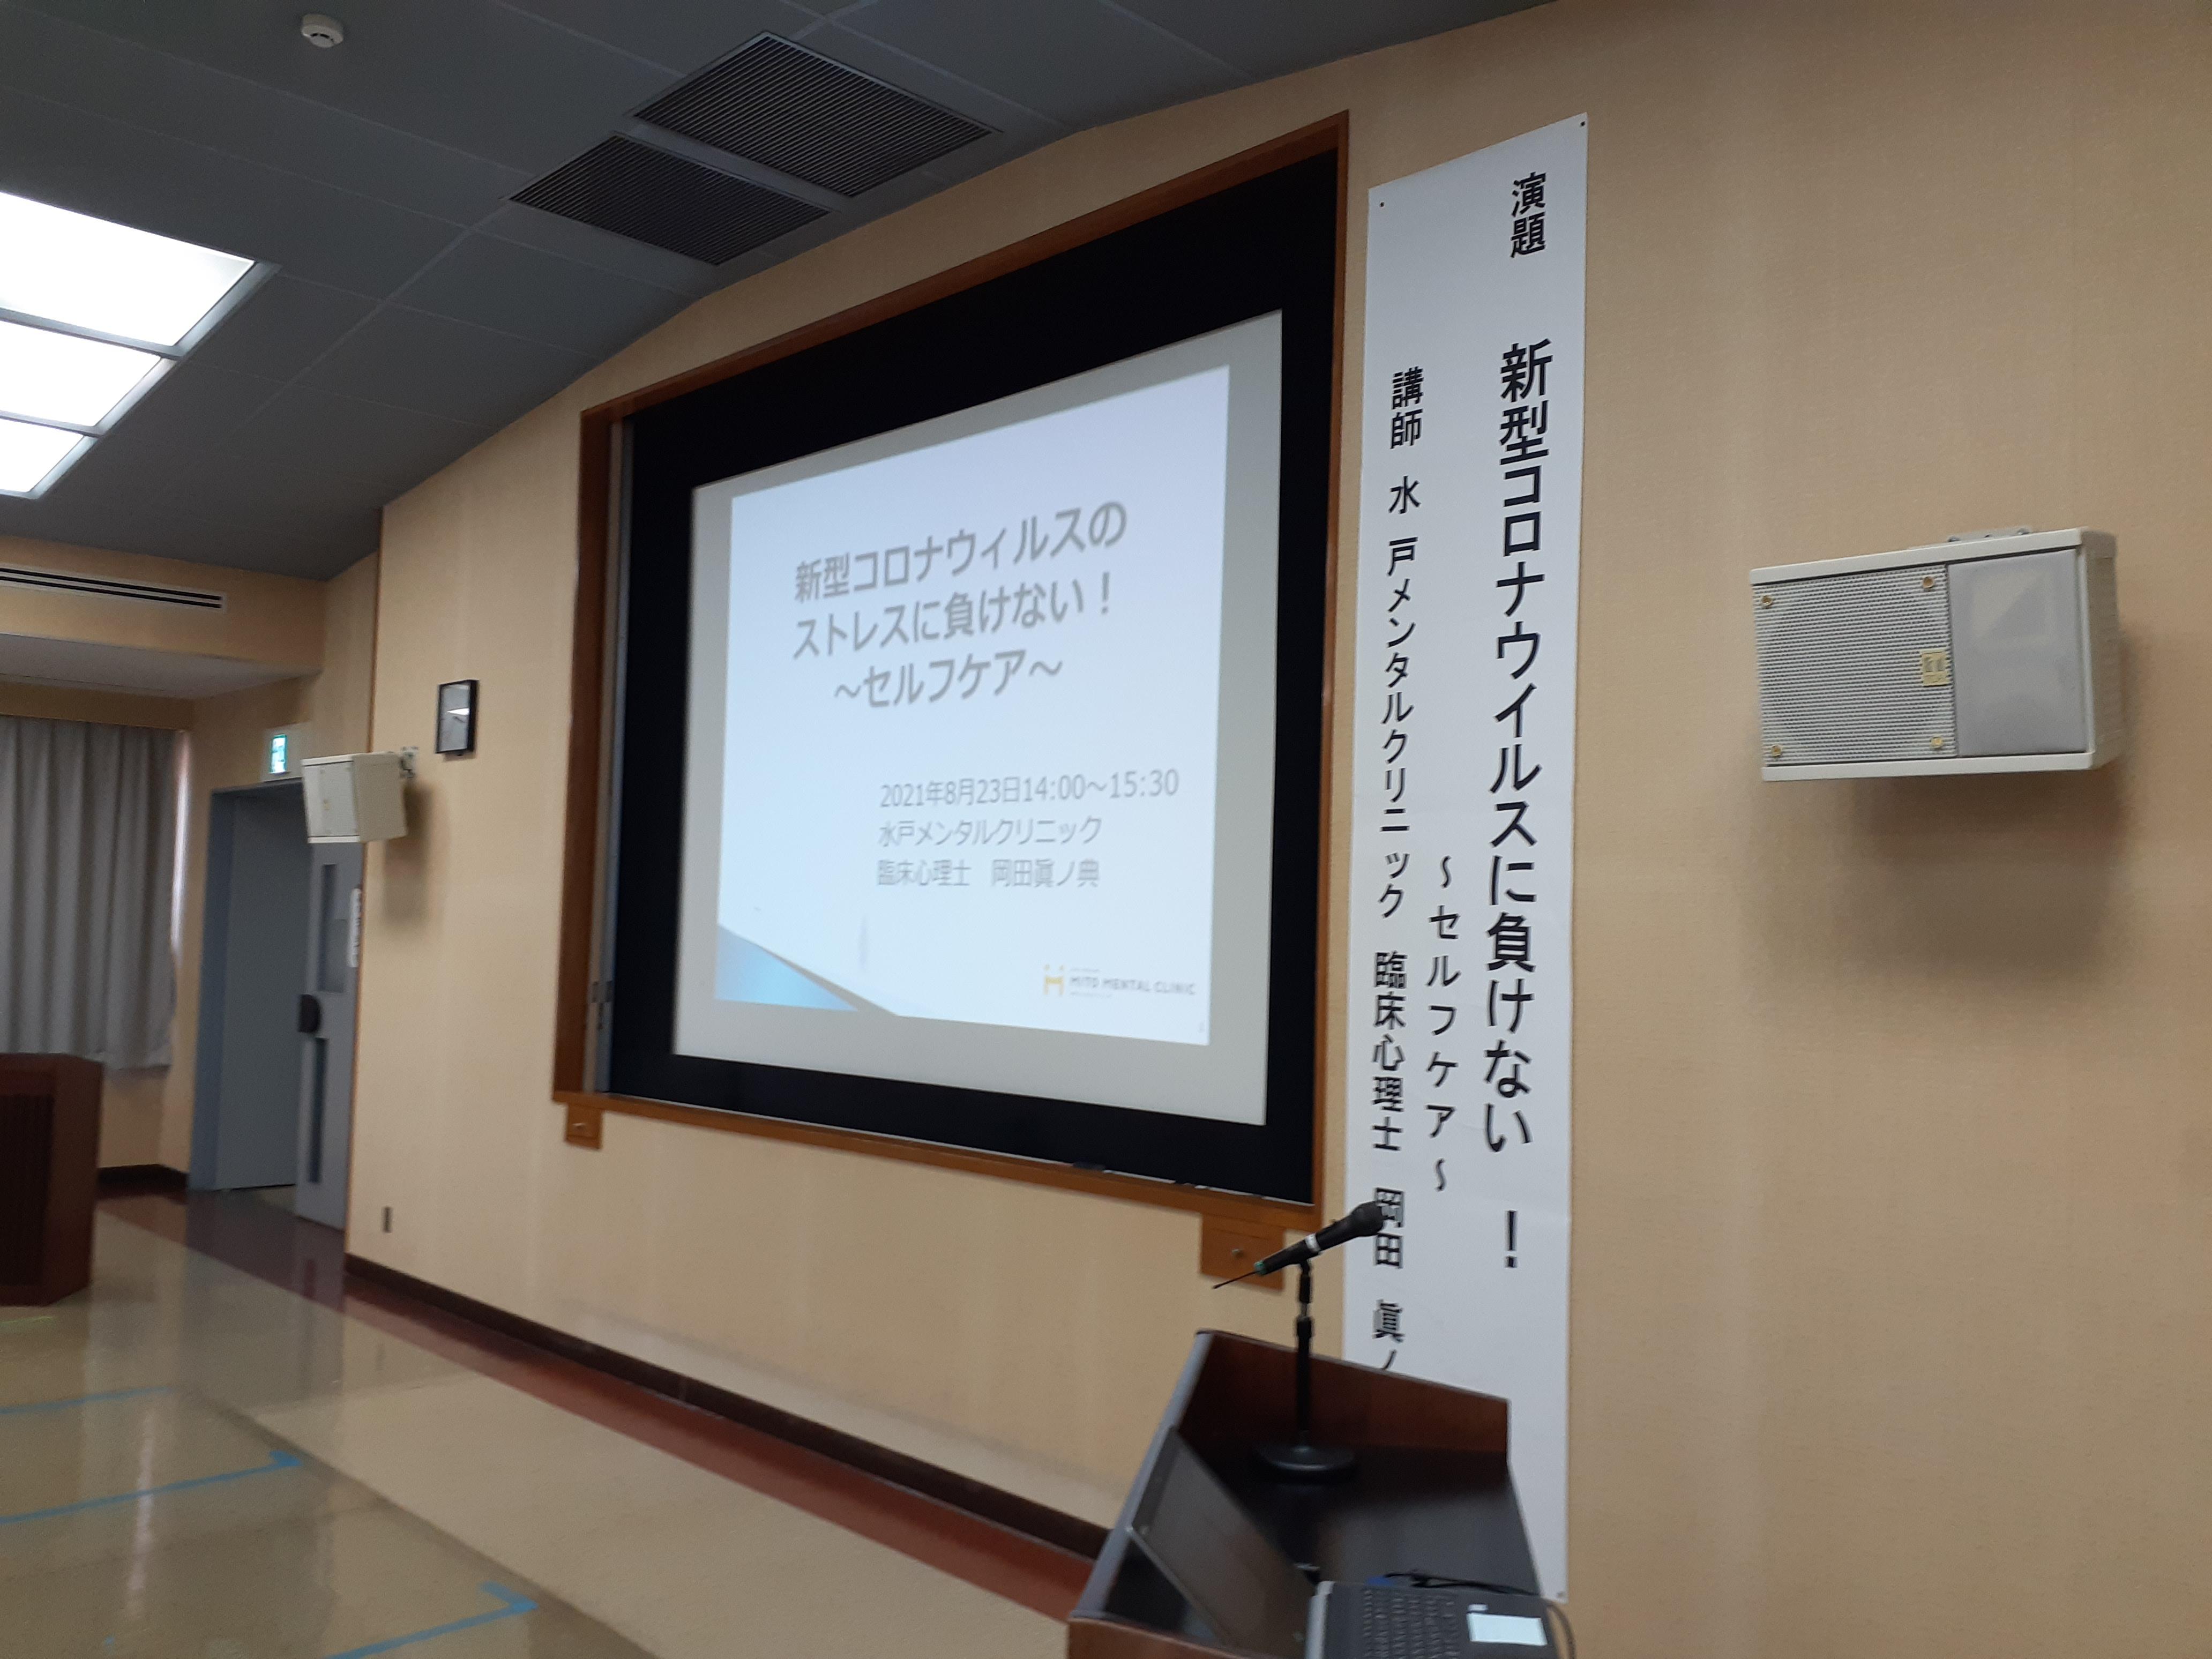 市民講座を実施しました。